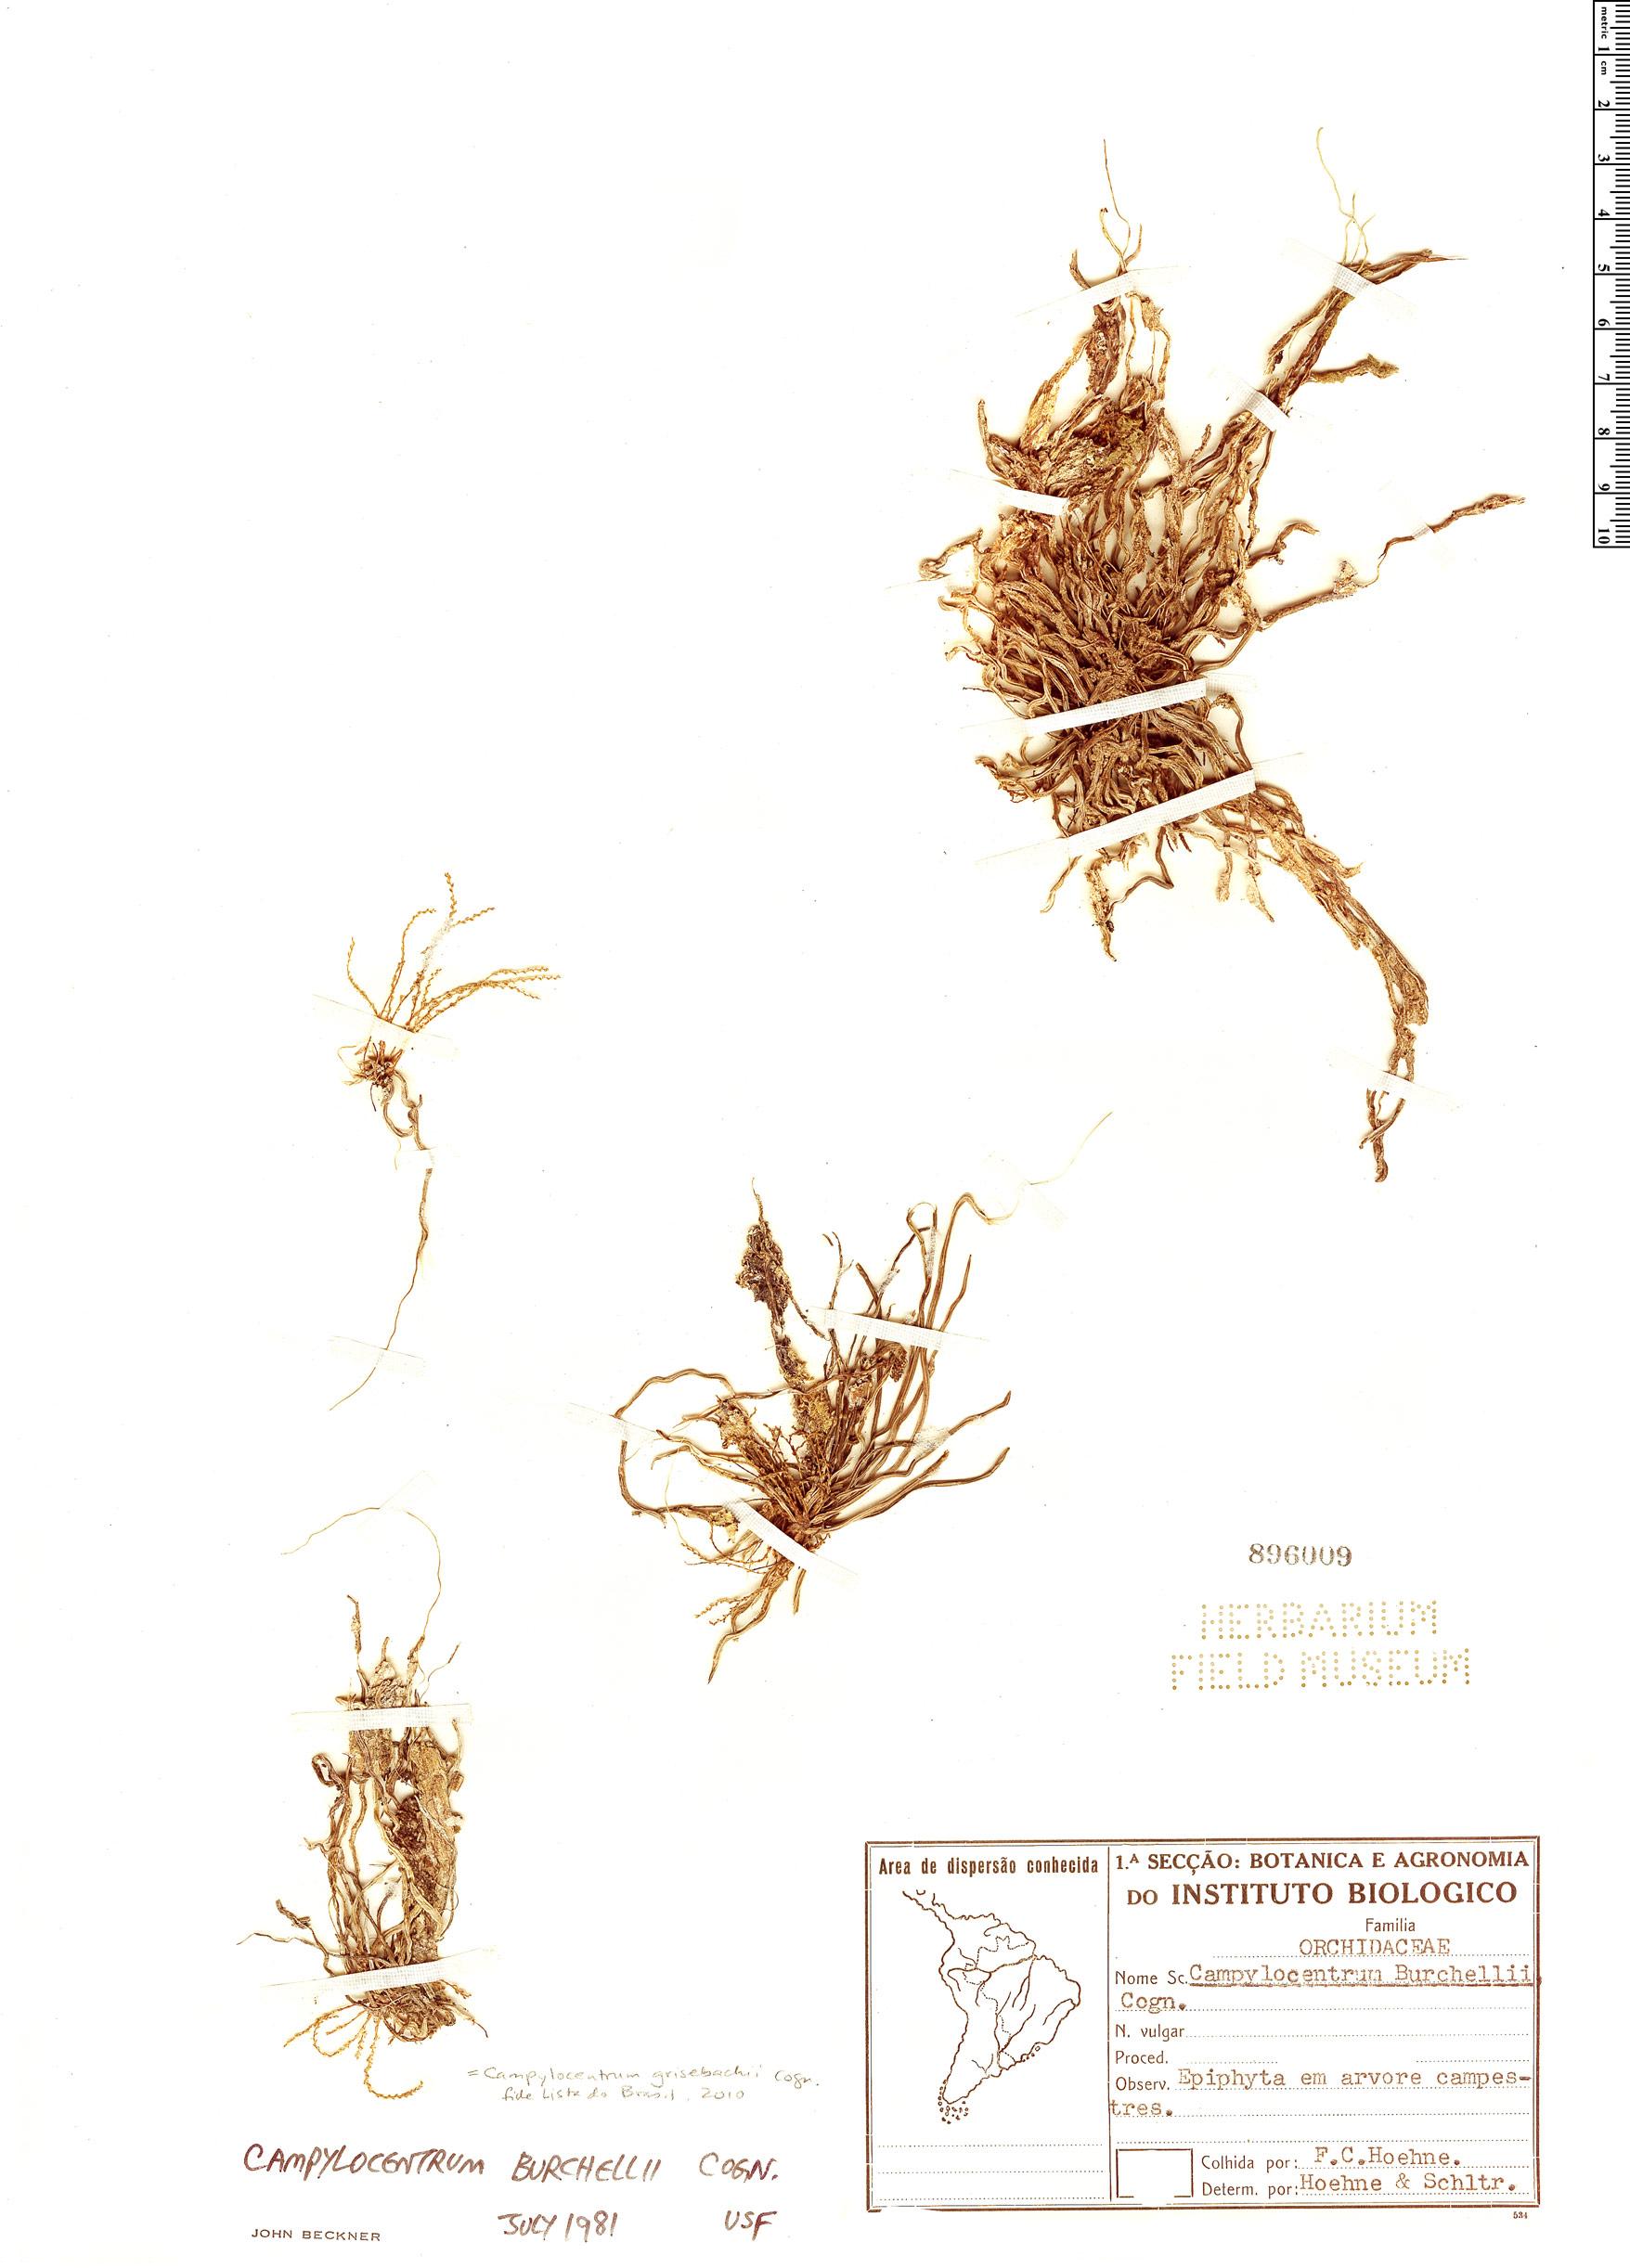 Specimen: Campylocentrum grisebachii